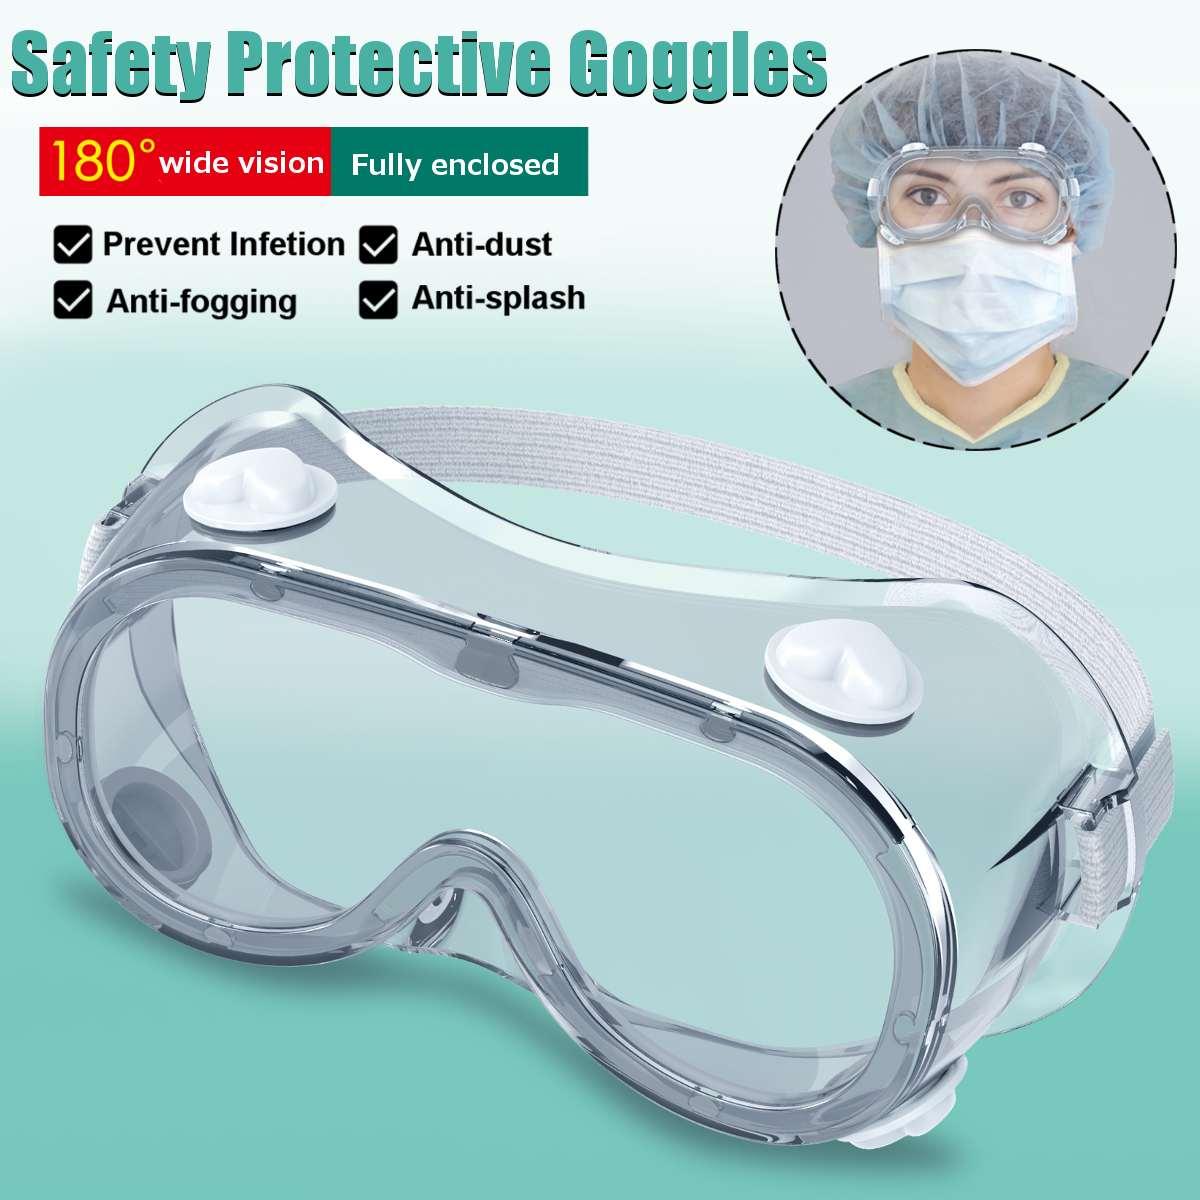 Gafas protectoras de seguridad de 2 tipos, gafas de visión amplia, respirador indirecto desechable, para prevenir infecciones, antisalpicaduras, antiniebla